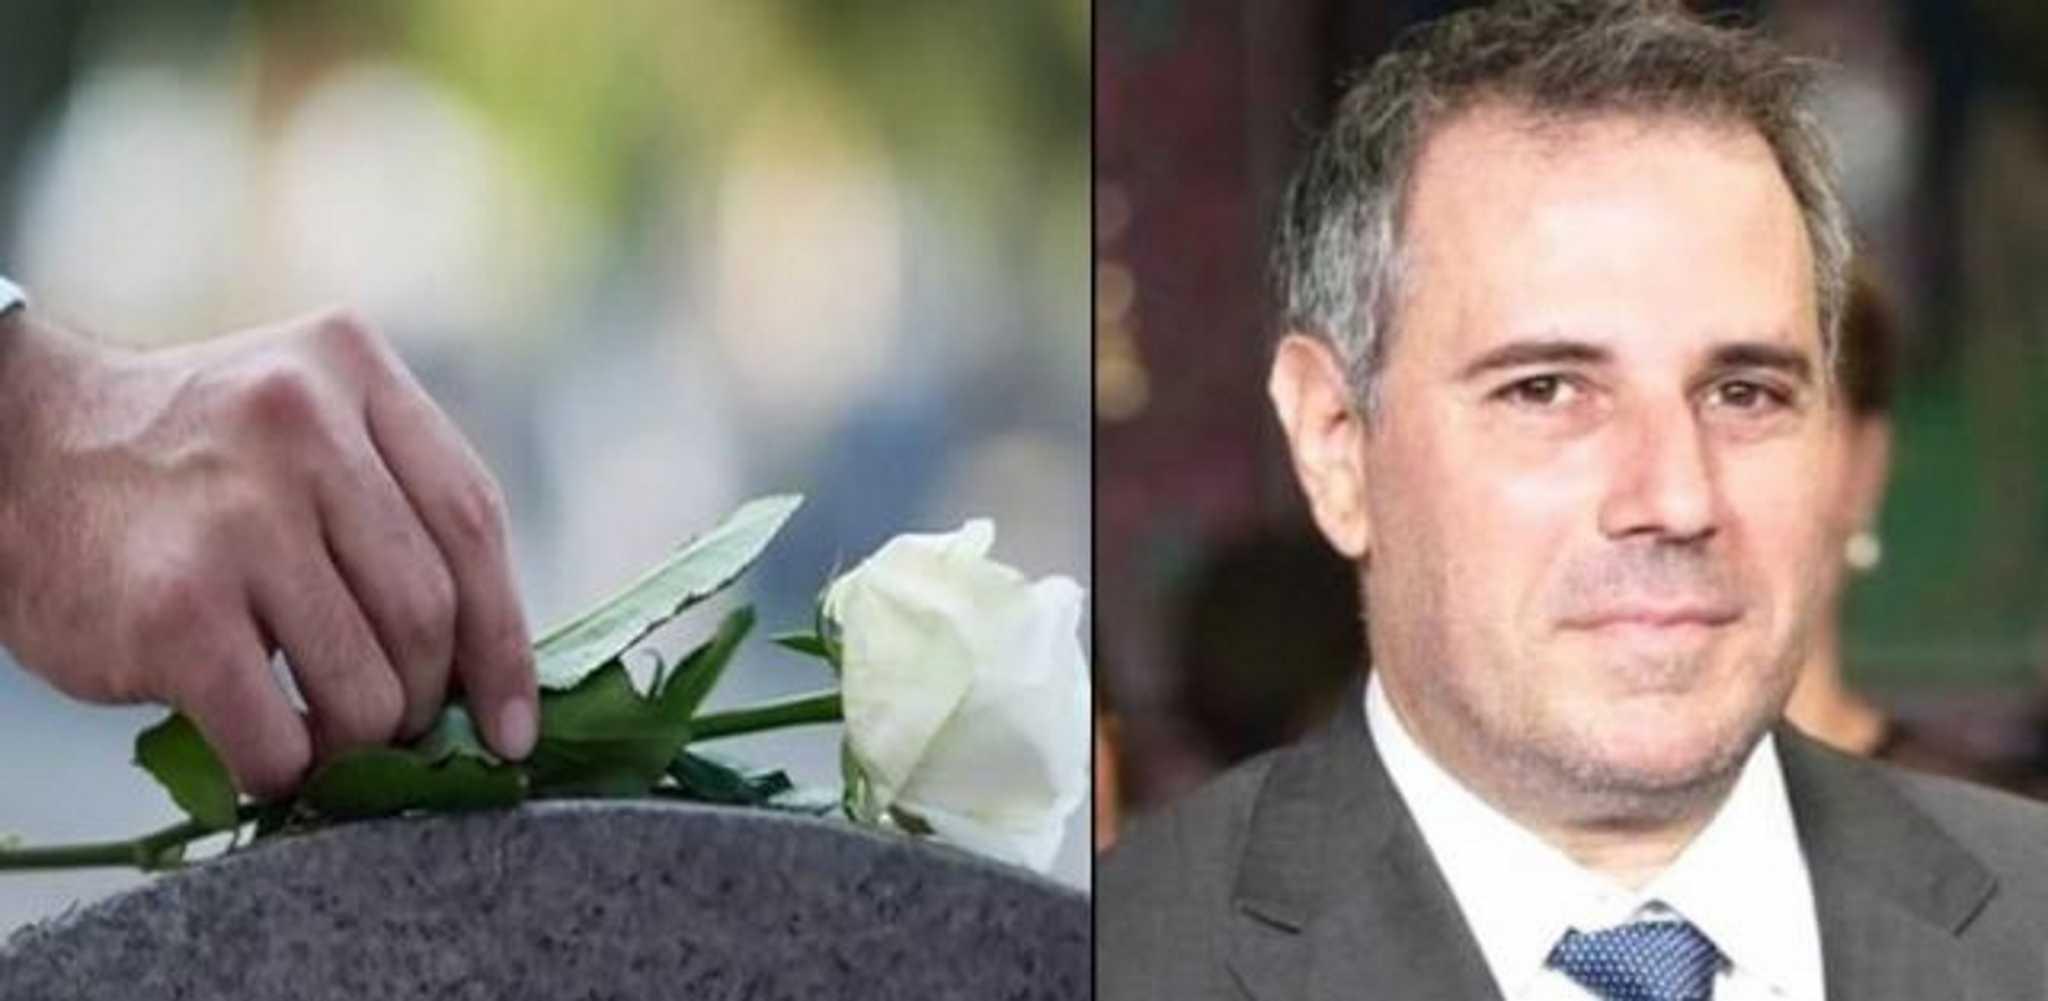 Φθιώτιδα: Σπαραγμός για τον πρώην αντιδήμαρχο – «Έφυγε» αφήνοντας πίσω του τρία παιδιά